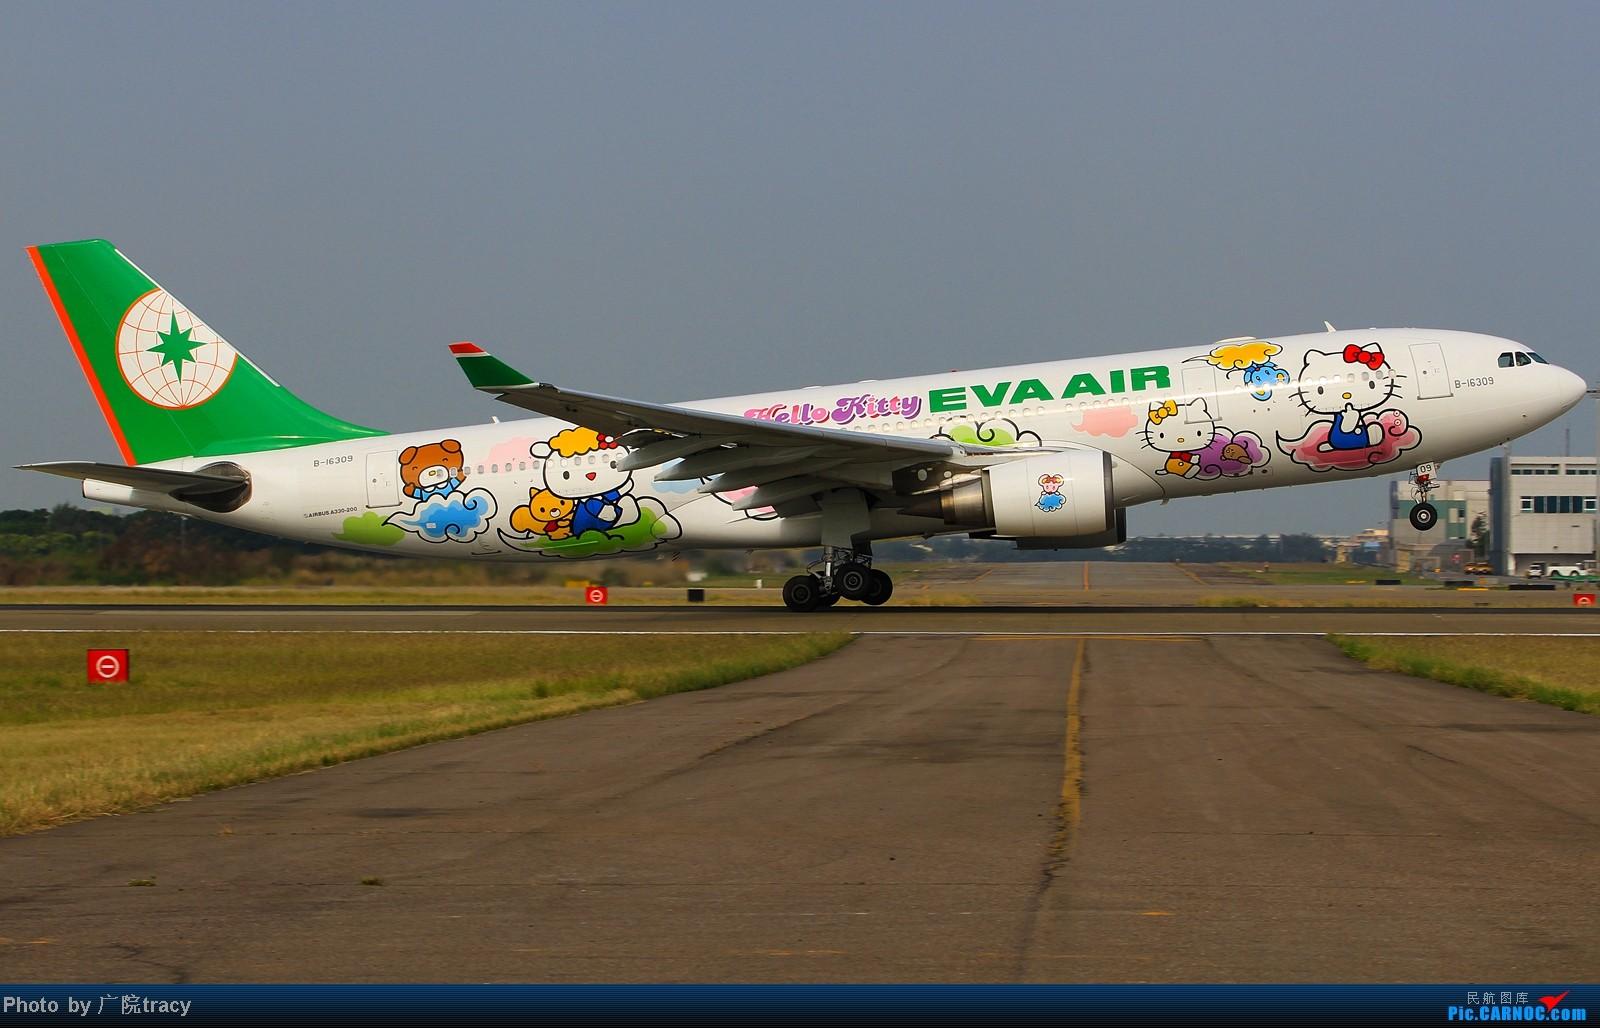 【廣院在台灣】台灣長榮航空公司!EVA AIR HELLO KITTY 現役彩繪航機 全數集合 多角度 AIRBUS A330-200 B-16309 中国桃园/桃園(原中正)机场